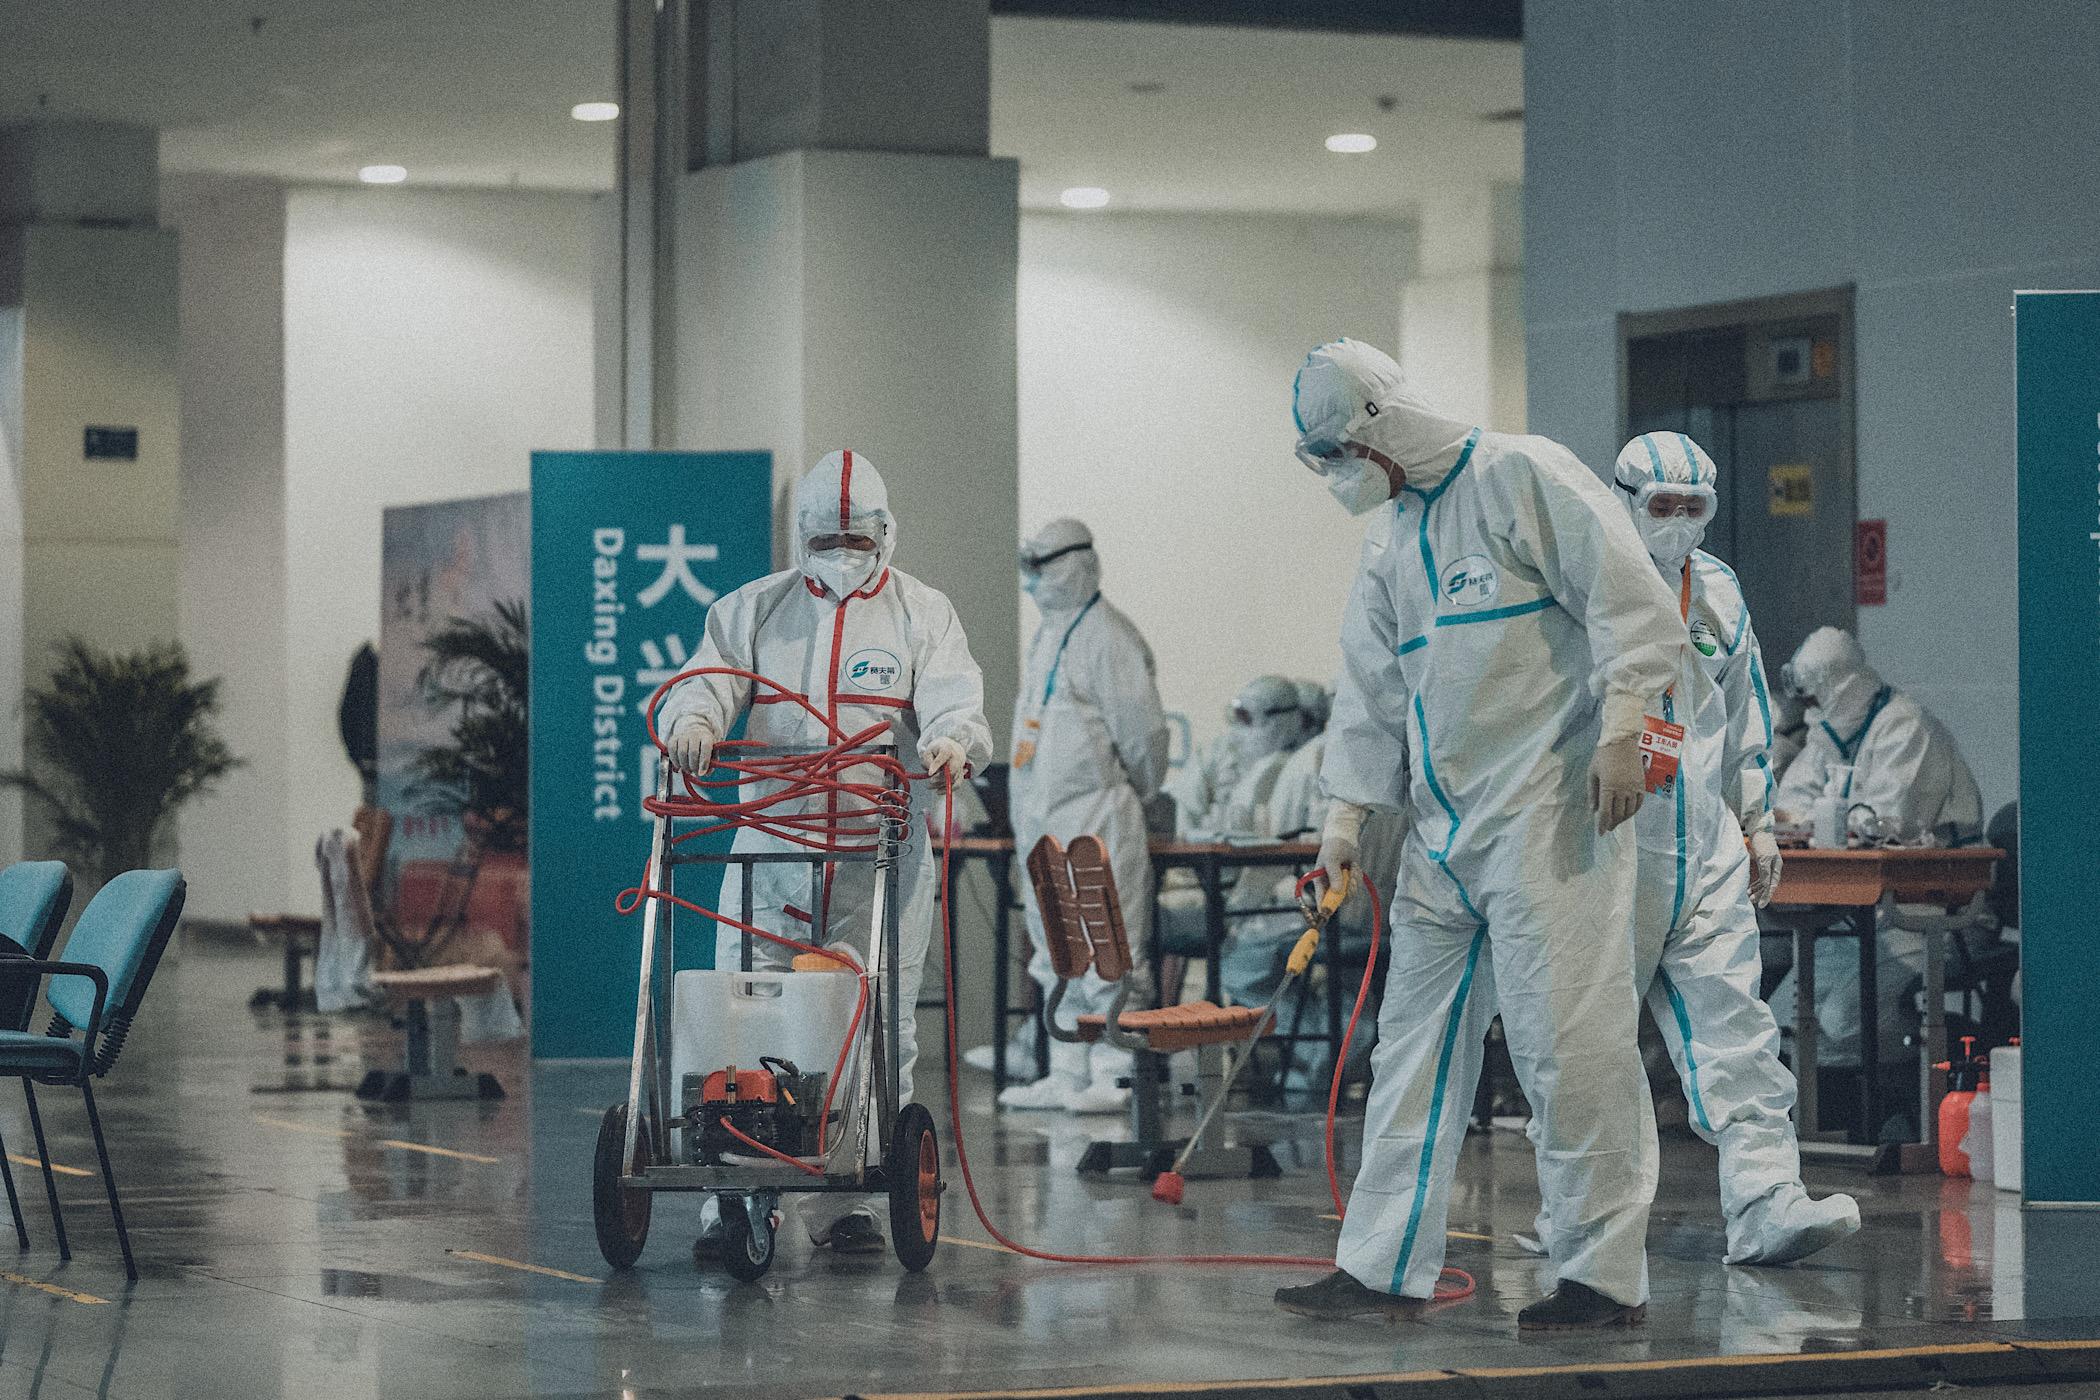 Ongekend Corona-killervirus of vooral ongekende paniek? Stefan Noordhoek opiniez